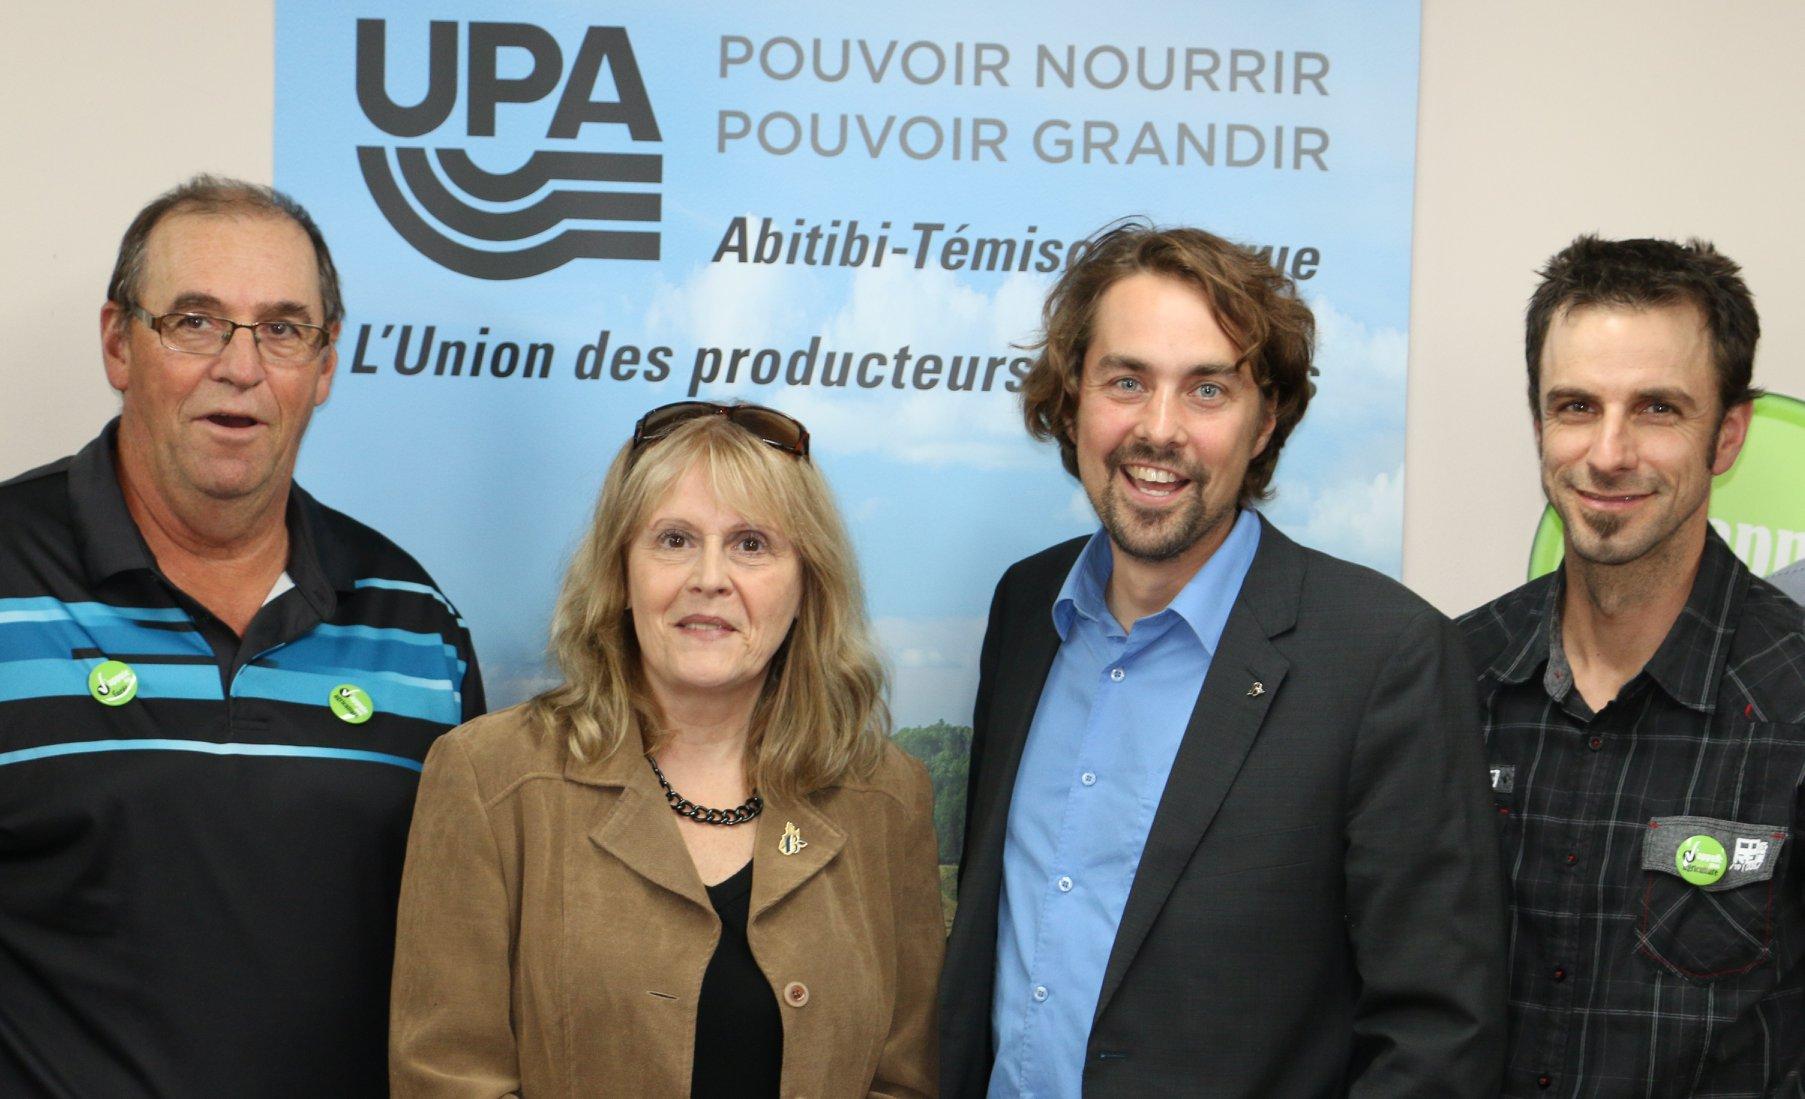 Sylvie Bérubé et Sébastien Lemire du Bloc québécois avec L'UPA